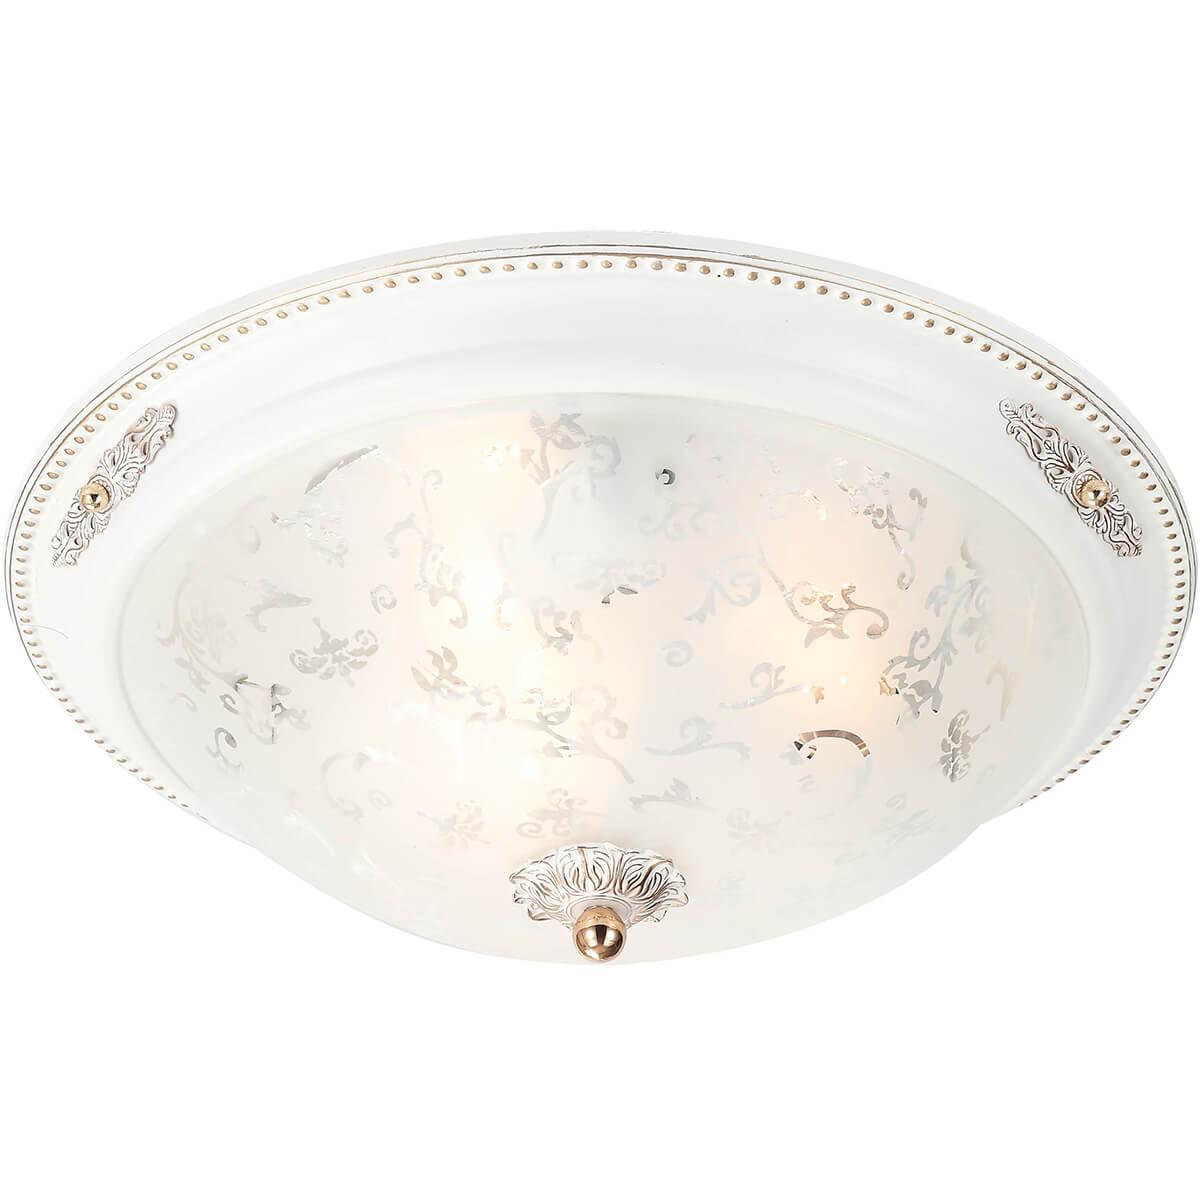 Потолочный светильник Lucia Tucci Lugo 142.3 R40 White lucia tucci потолочная люстра lucia tucci lugo 142 3 r40 white